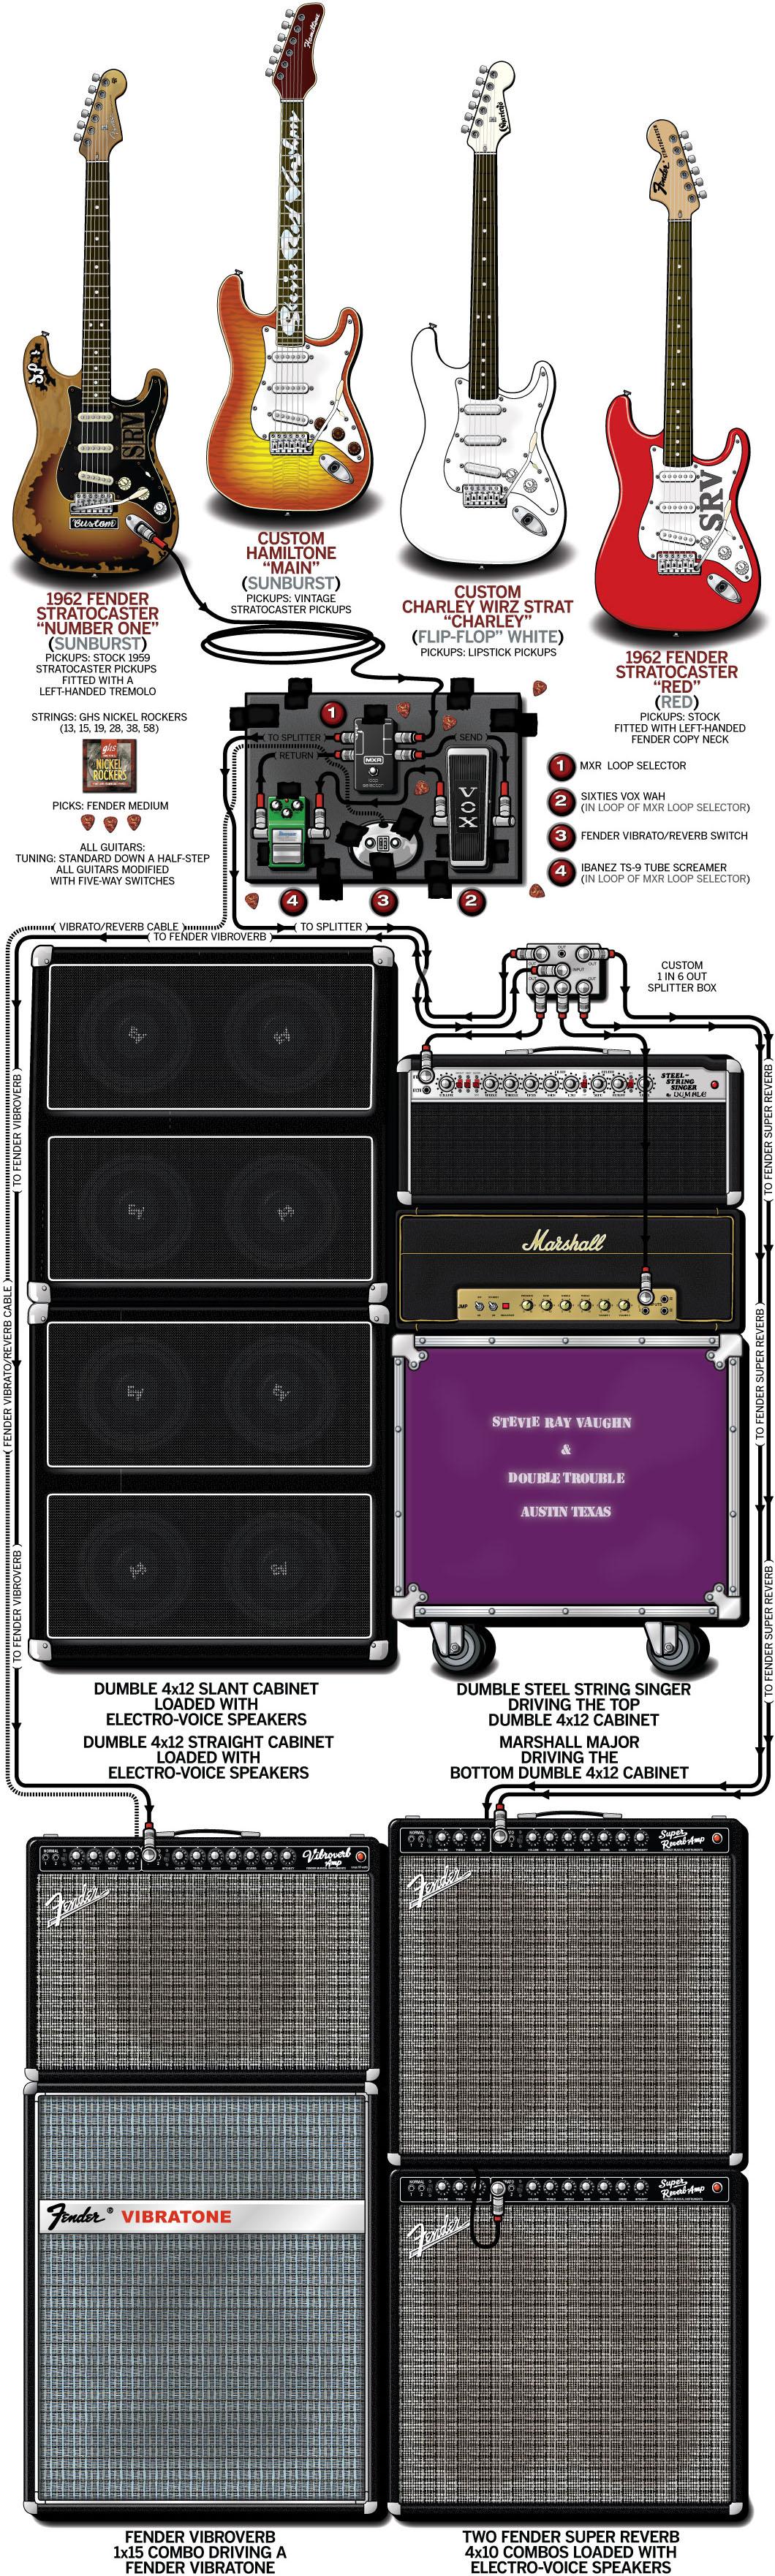 Stevie Ray Vaughan Rig Diagram